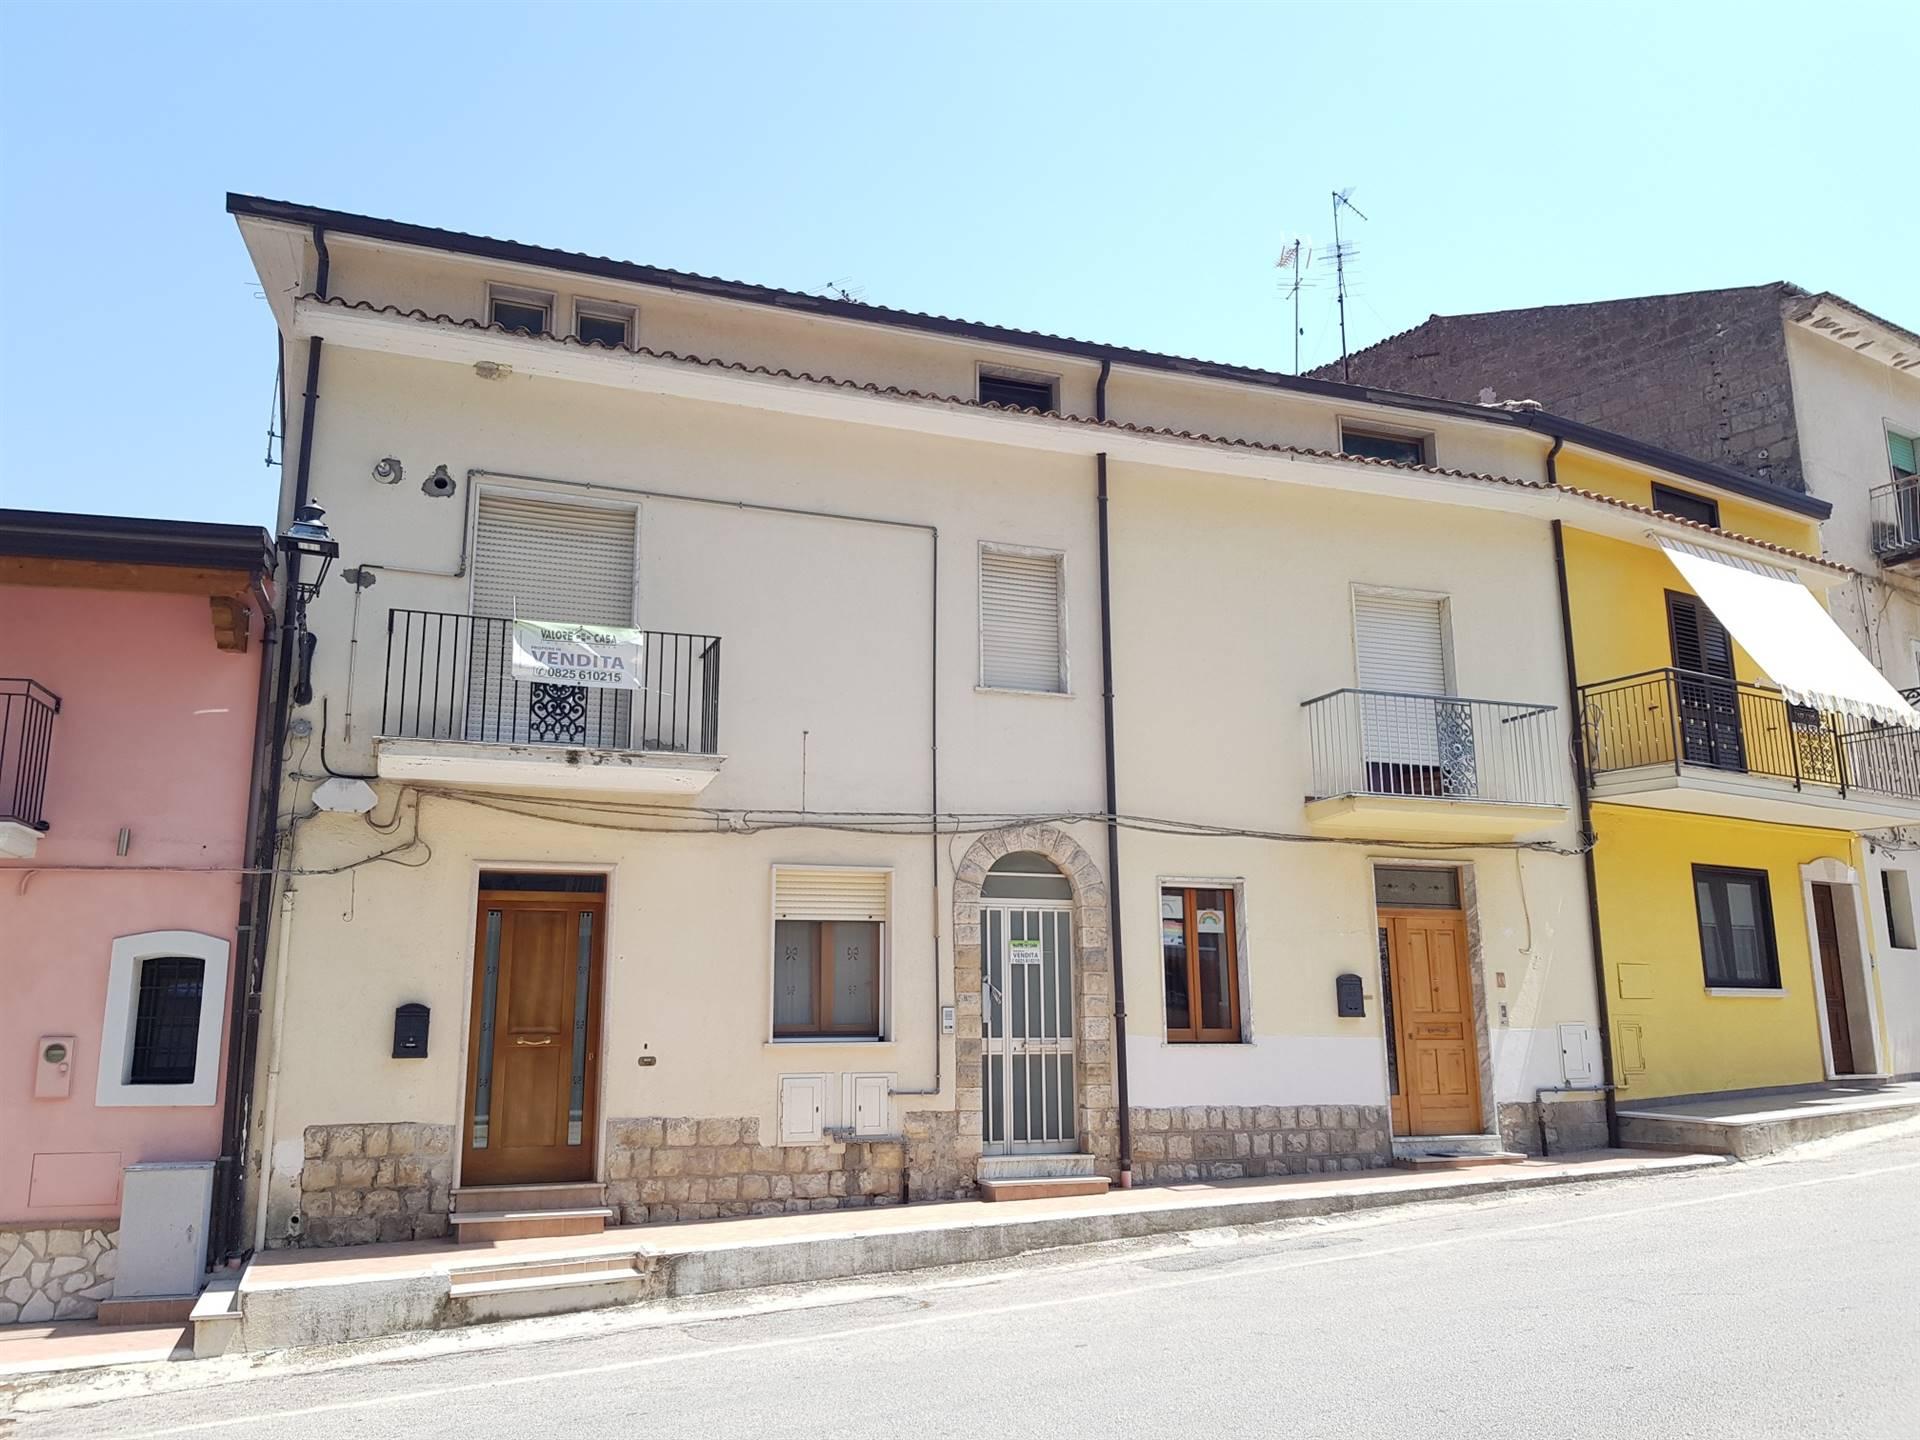 Appartamento in vendita a Santa Paolina, 4 locali, prezzo € 37.000 | CambioCasa.it